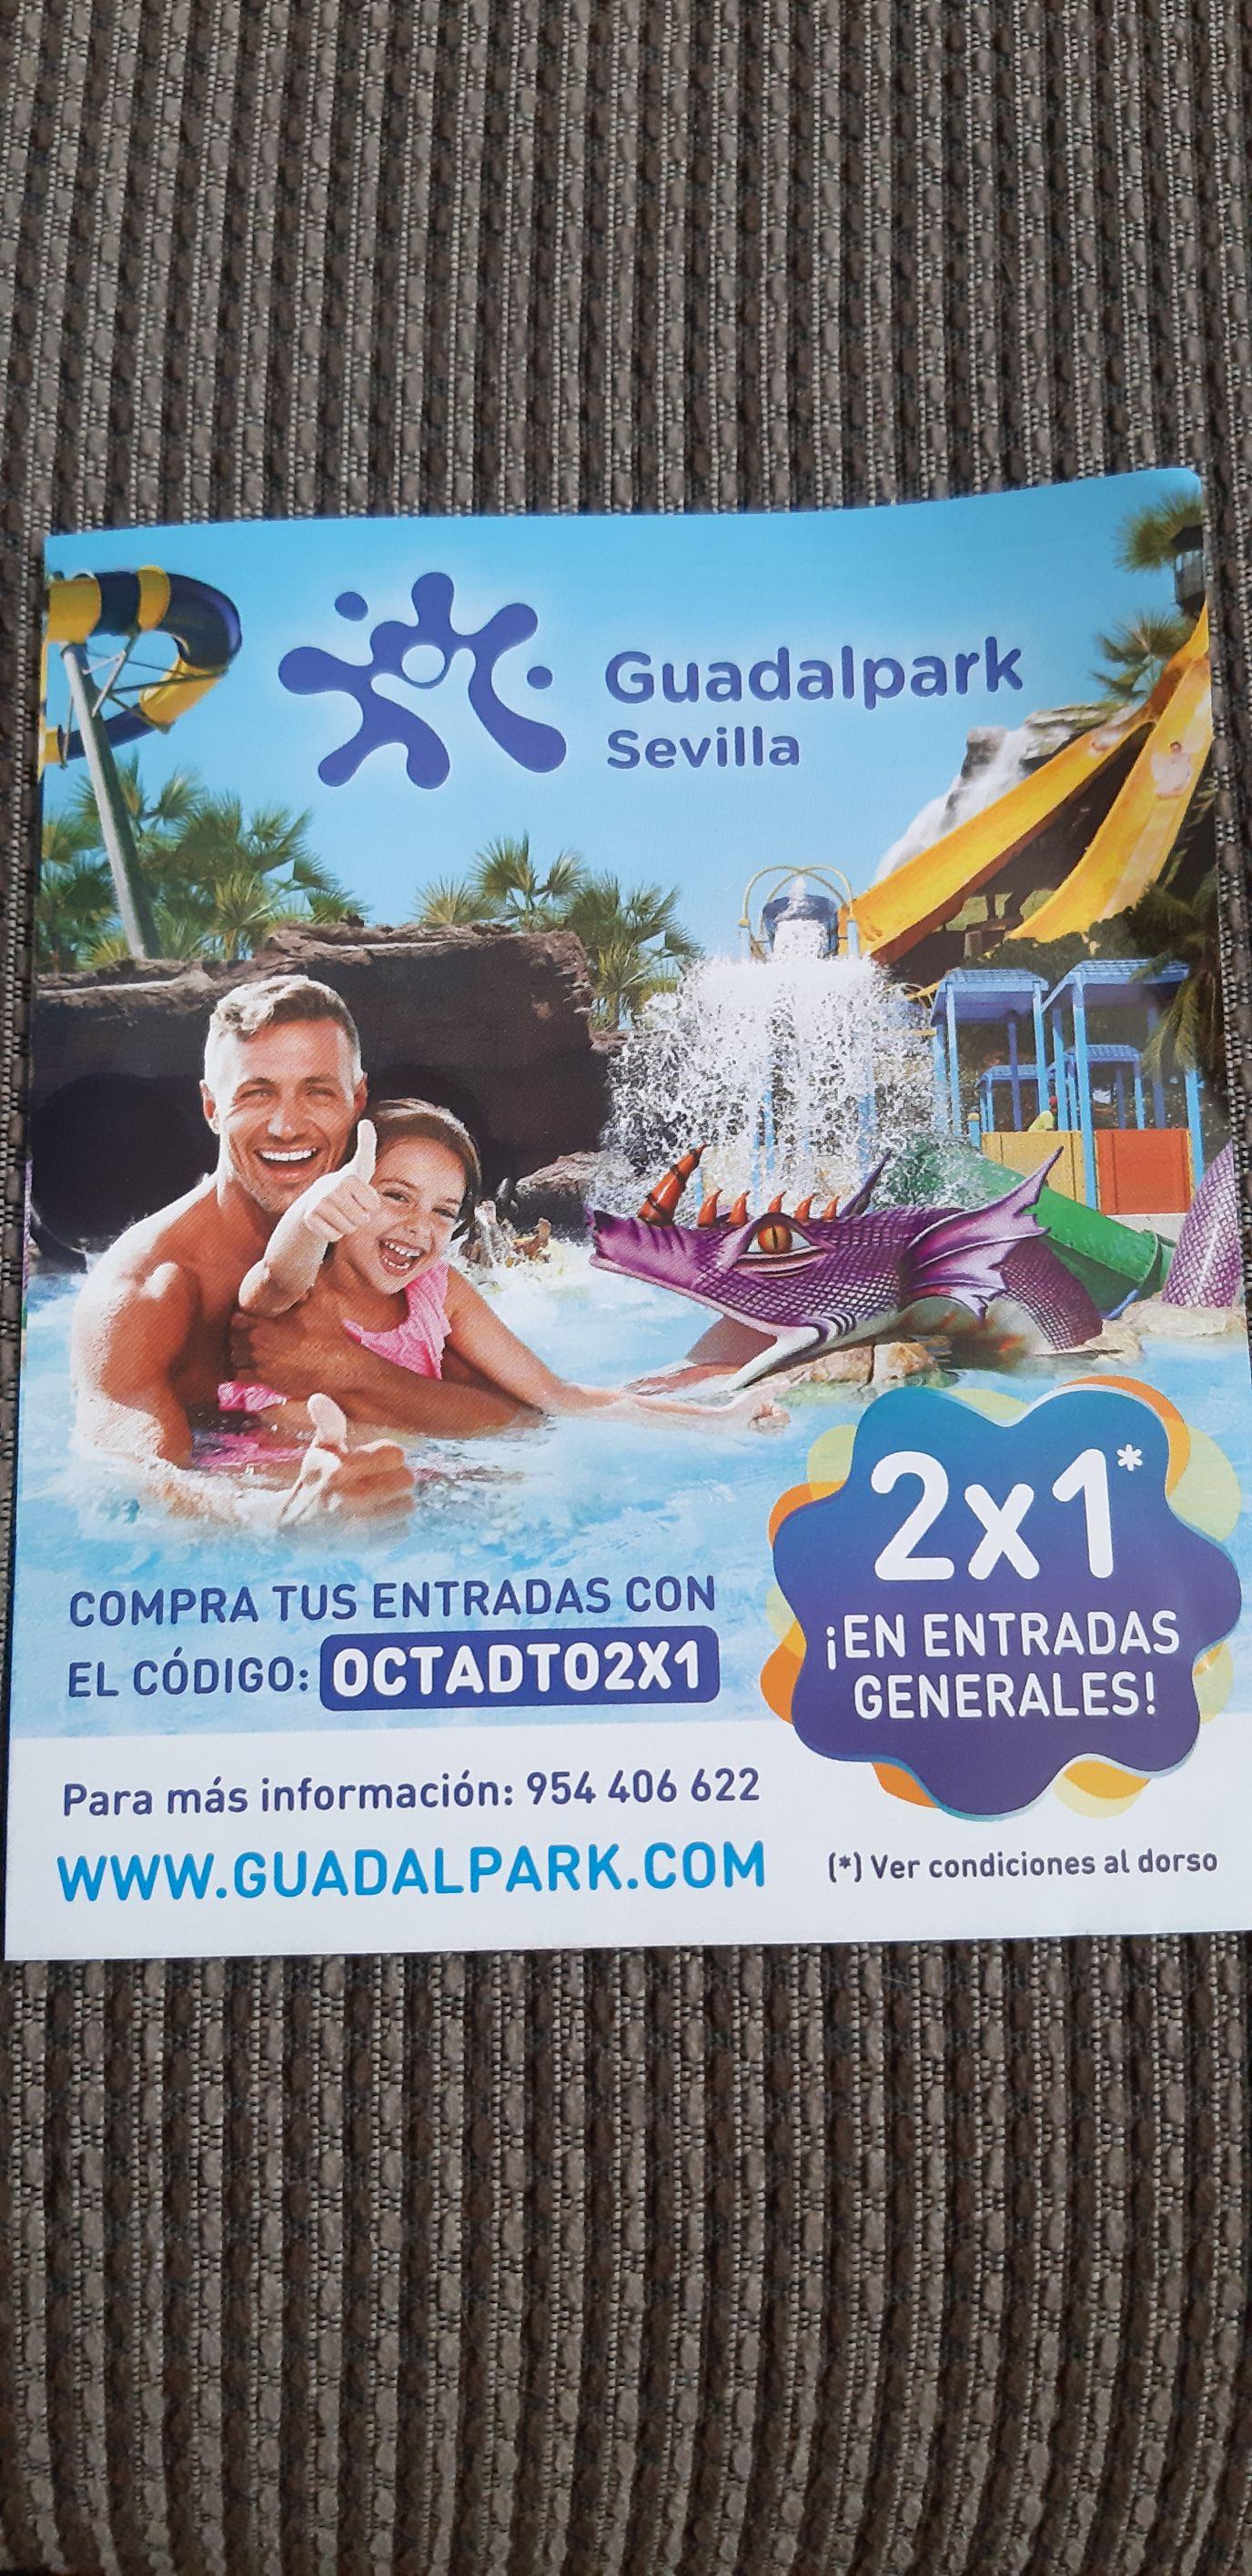 2x1 en entradas generales de guadalpark Sevilla